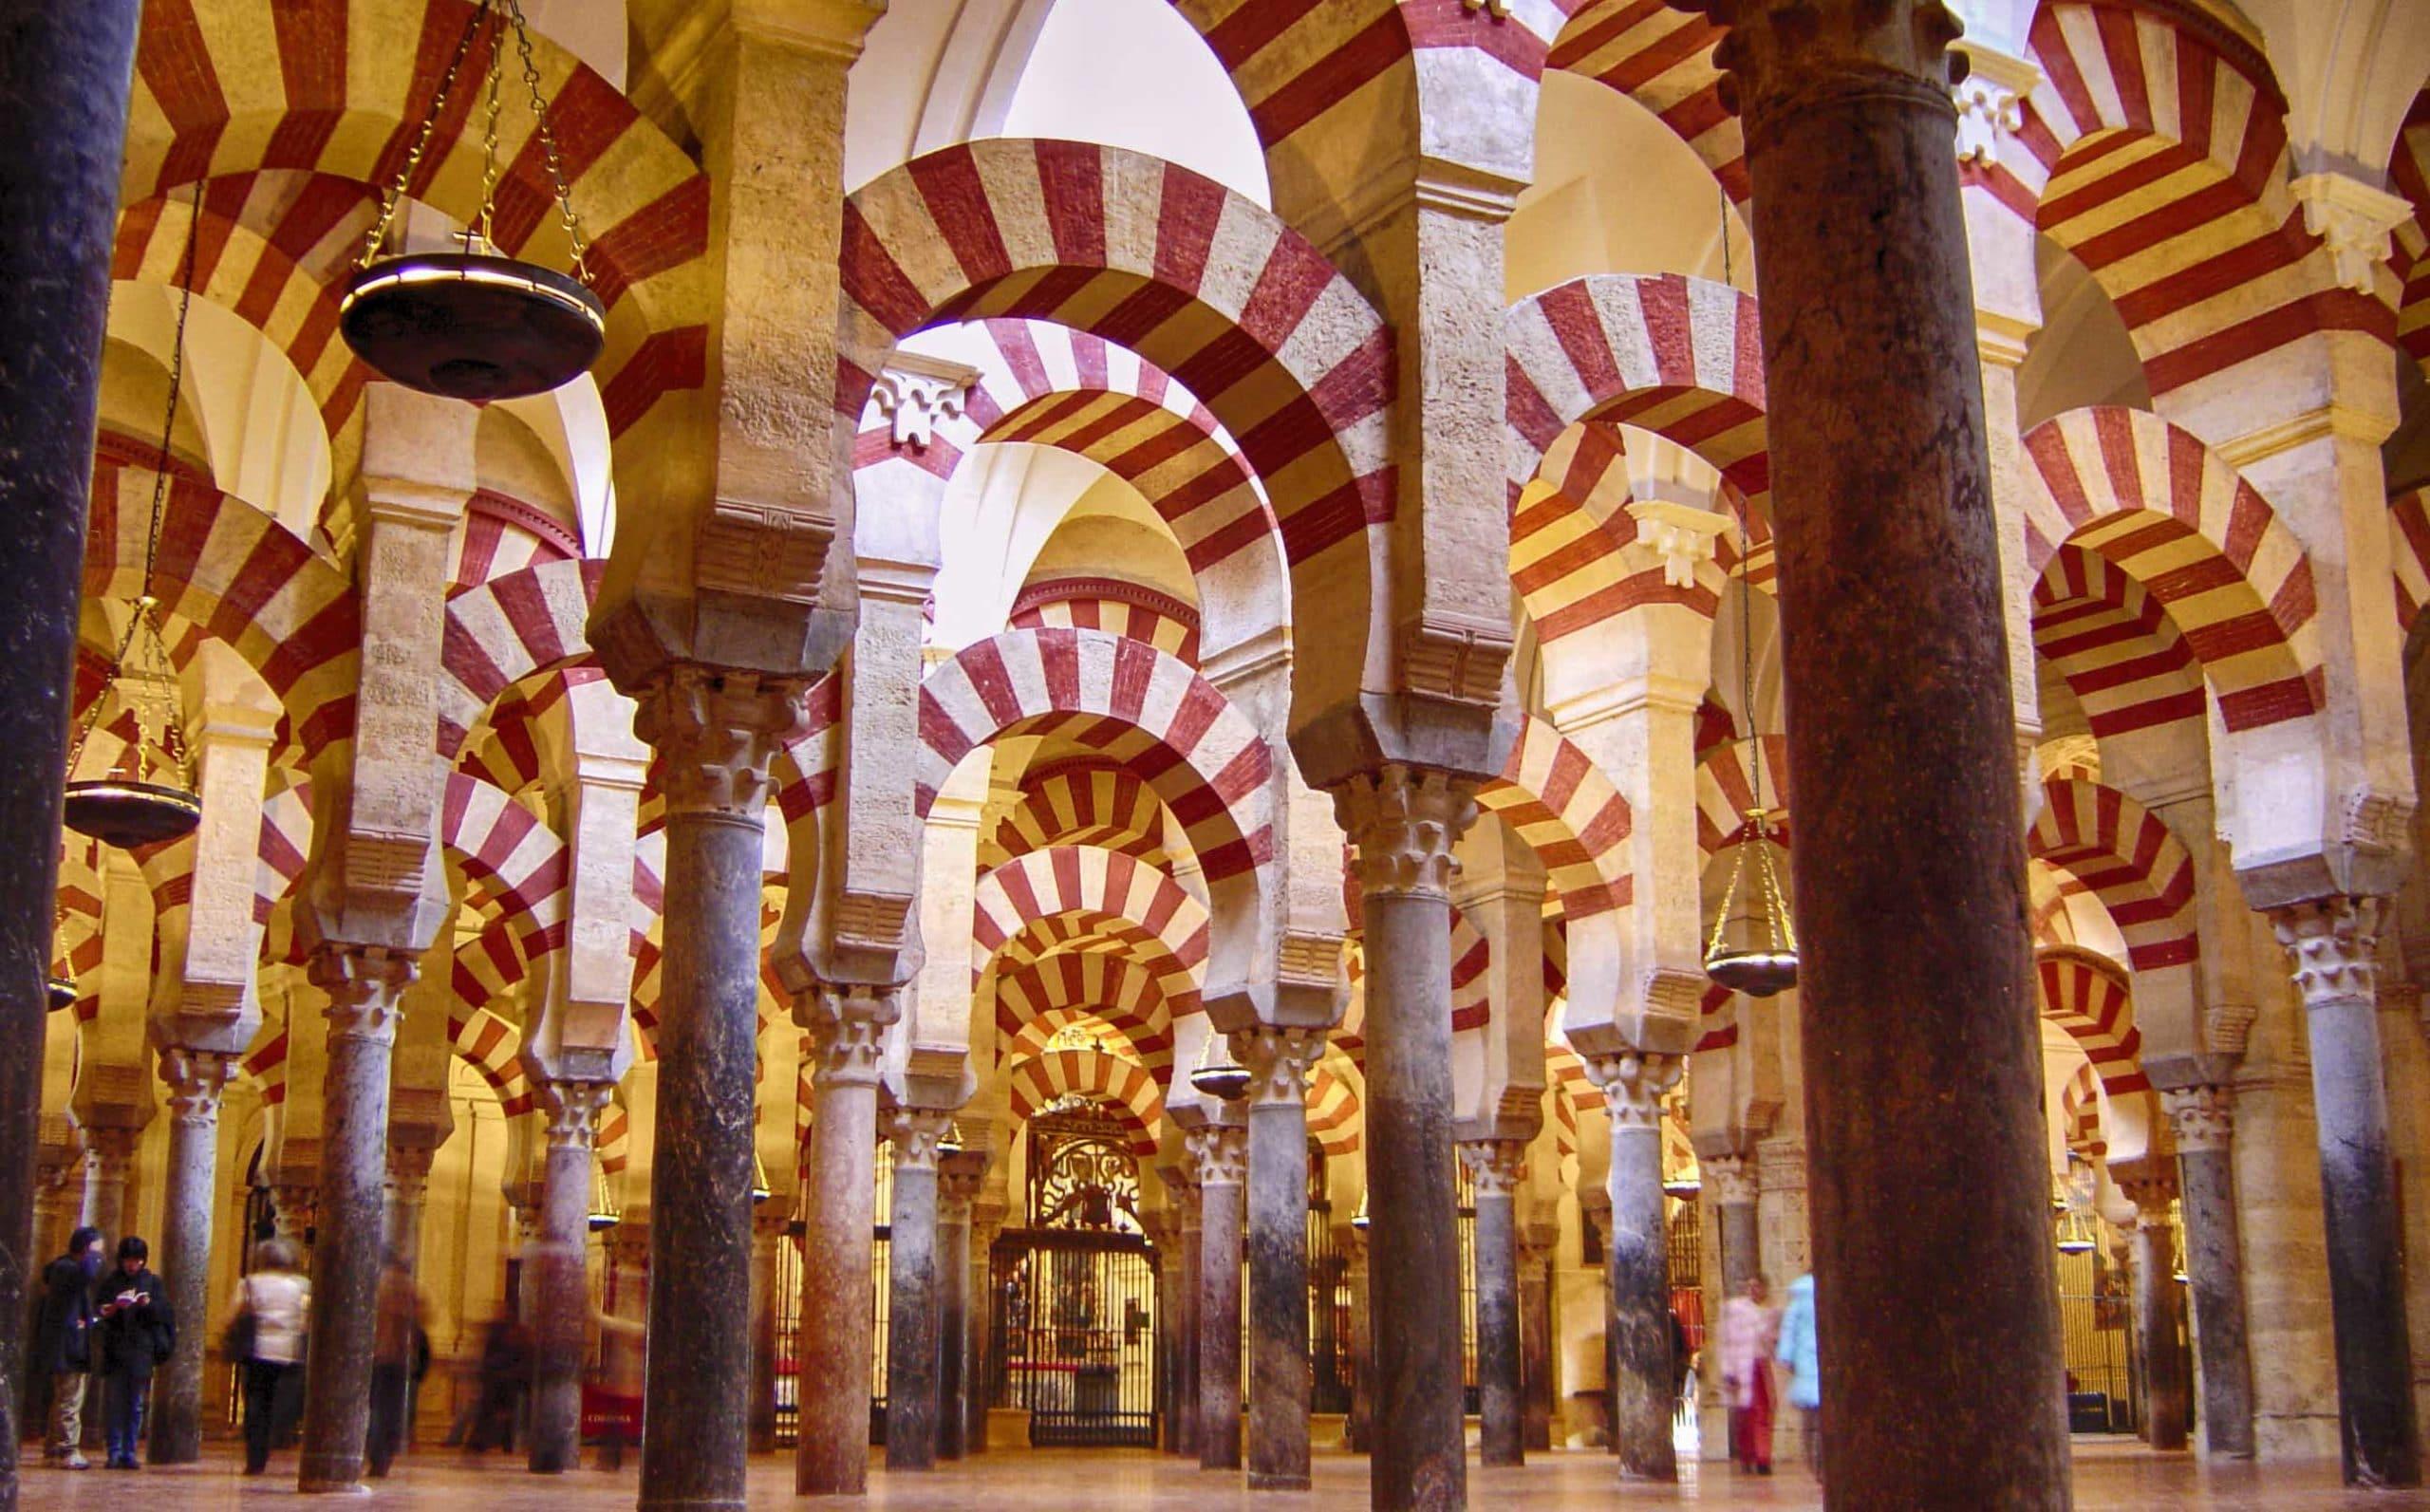 La iglesia es la due a legal de la mezquita catedral de - Mezquita de cordoba de noche ...